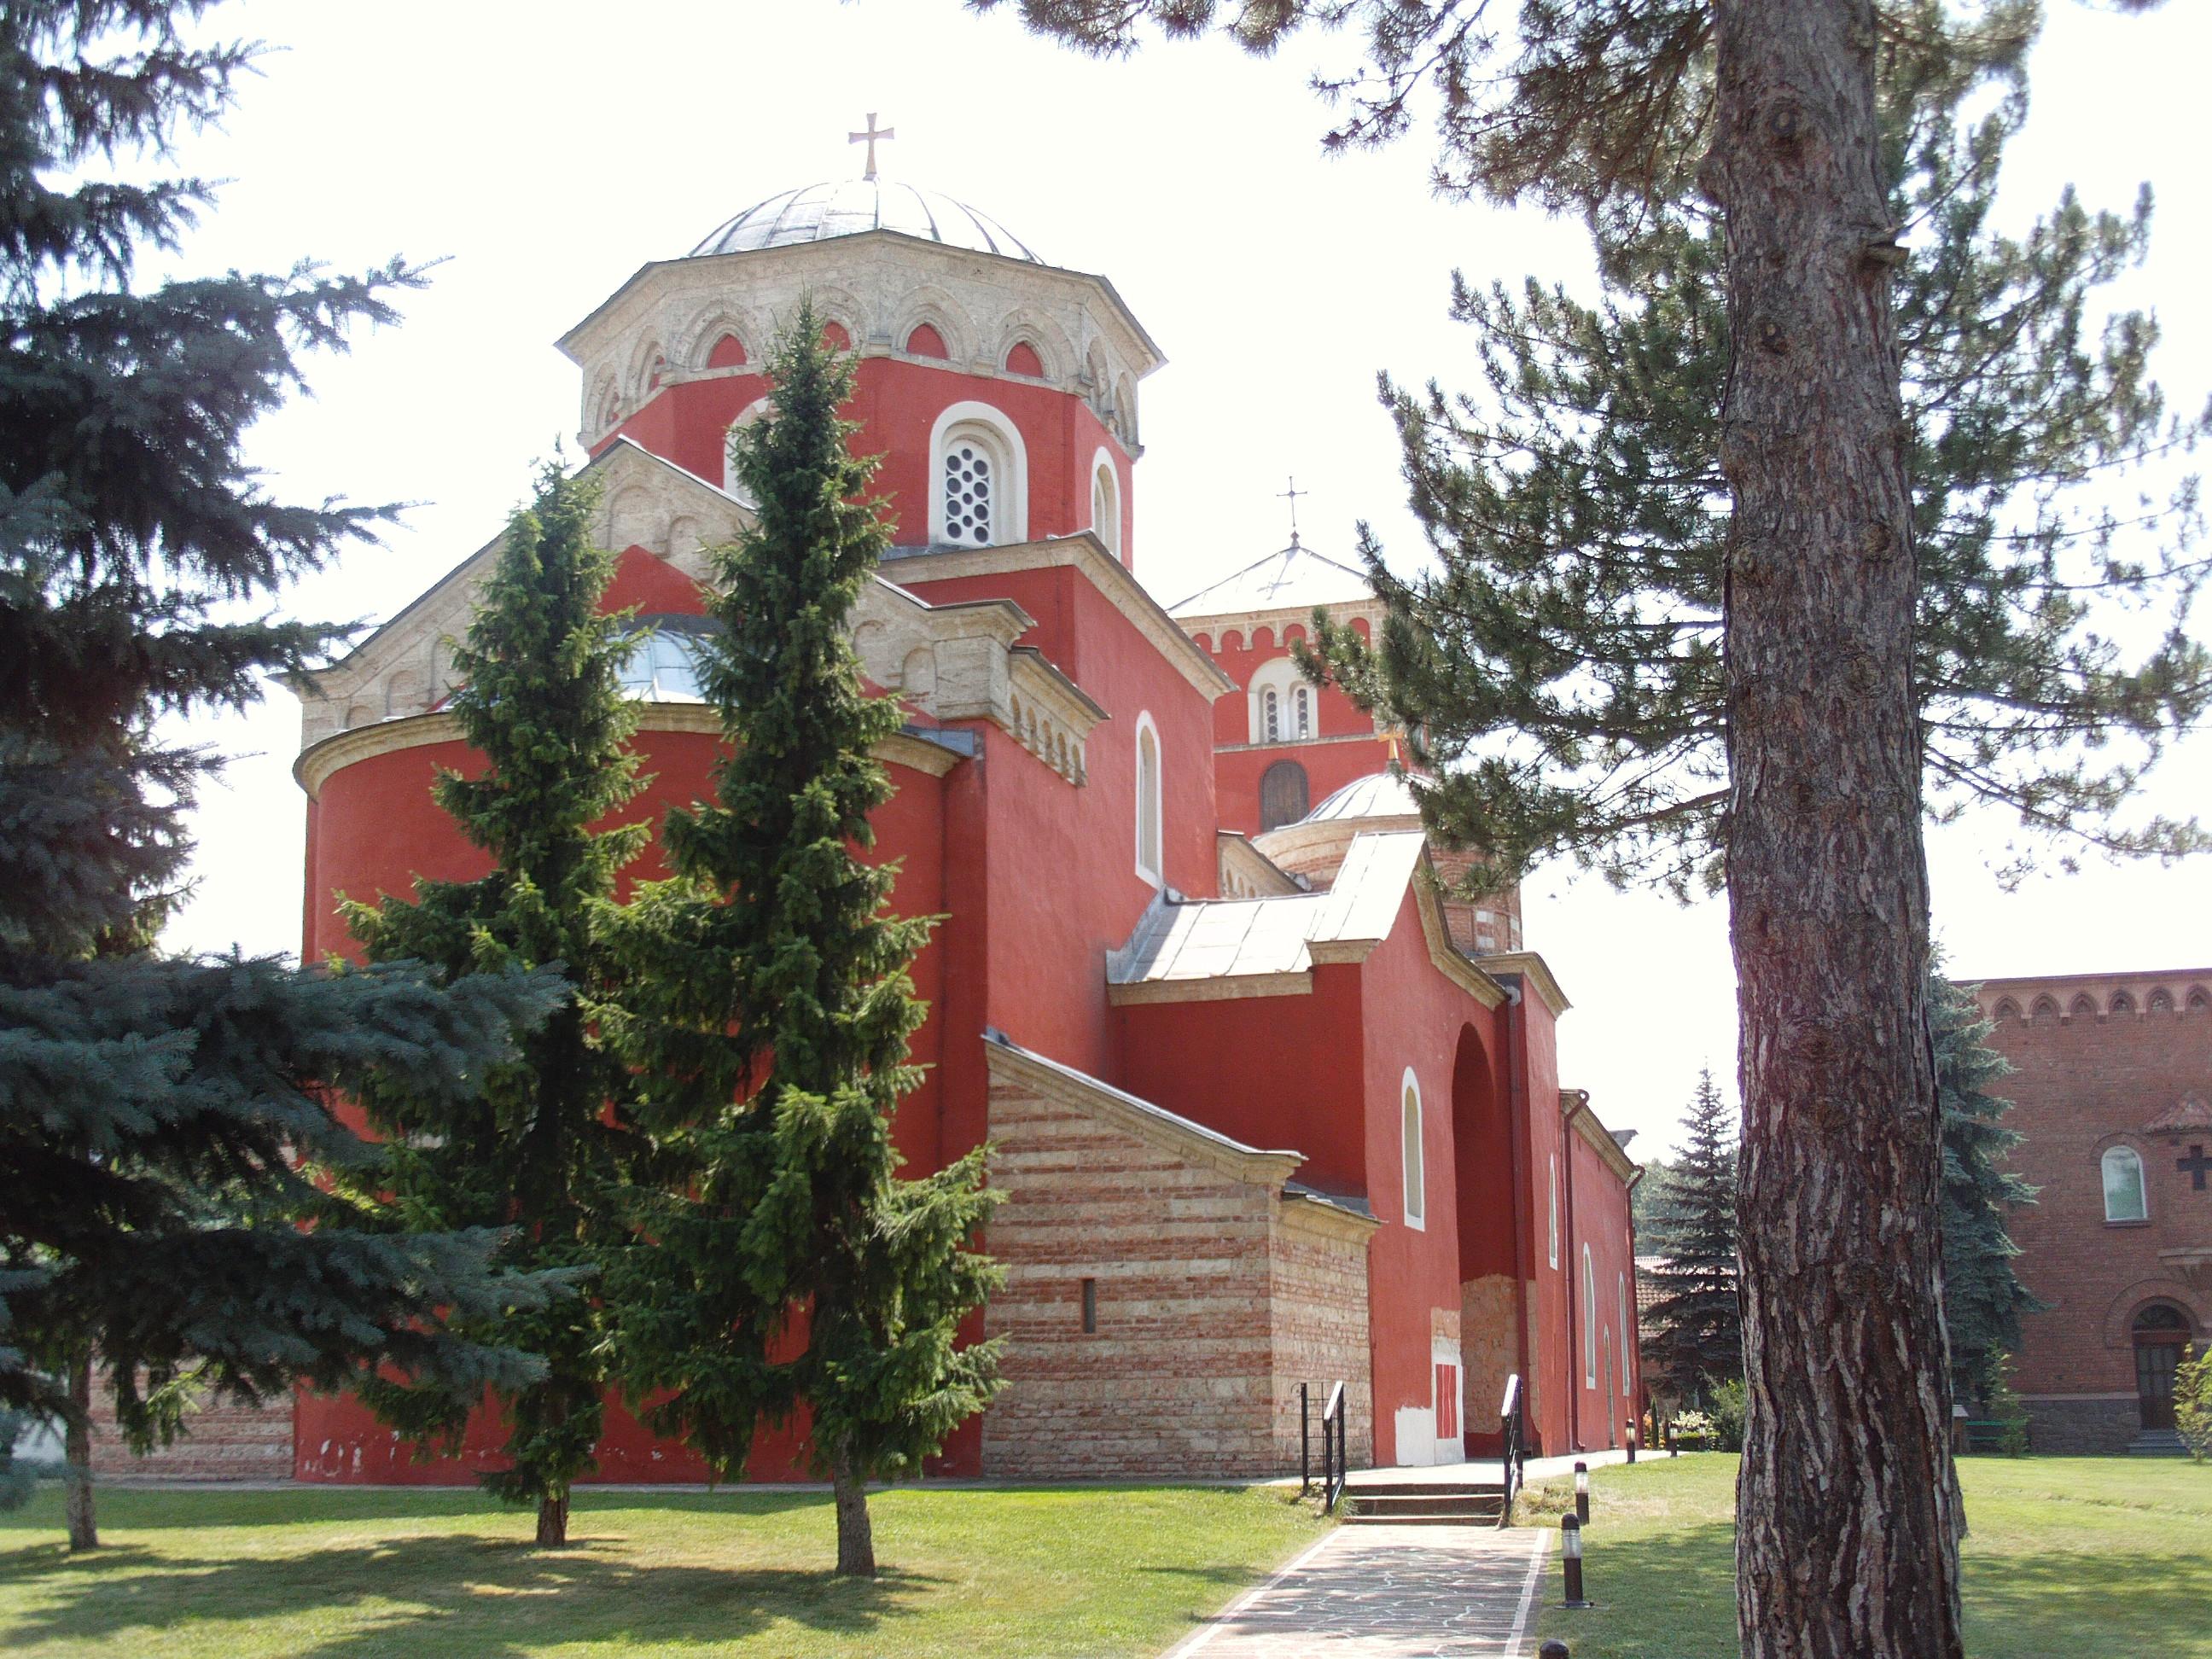 izleti/nemanjici/zica-monastery-overview-near-kraljevo-serbia.jpg